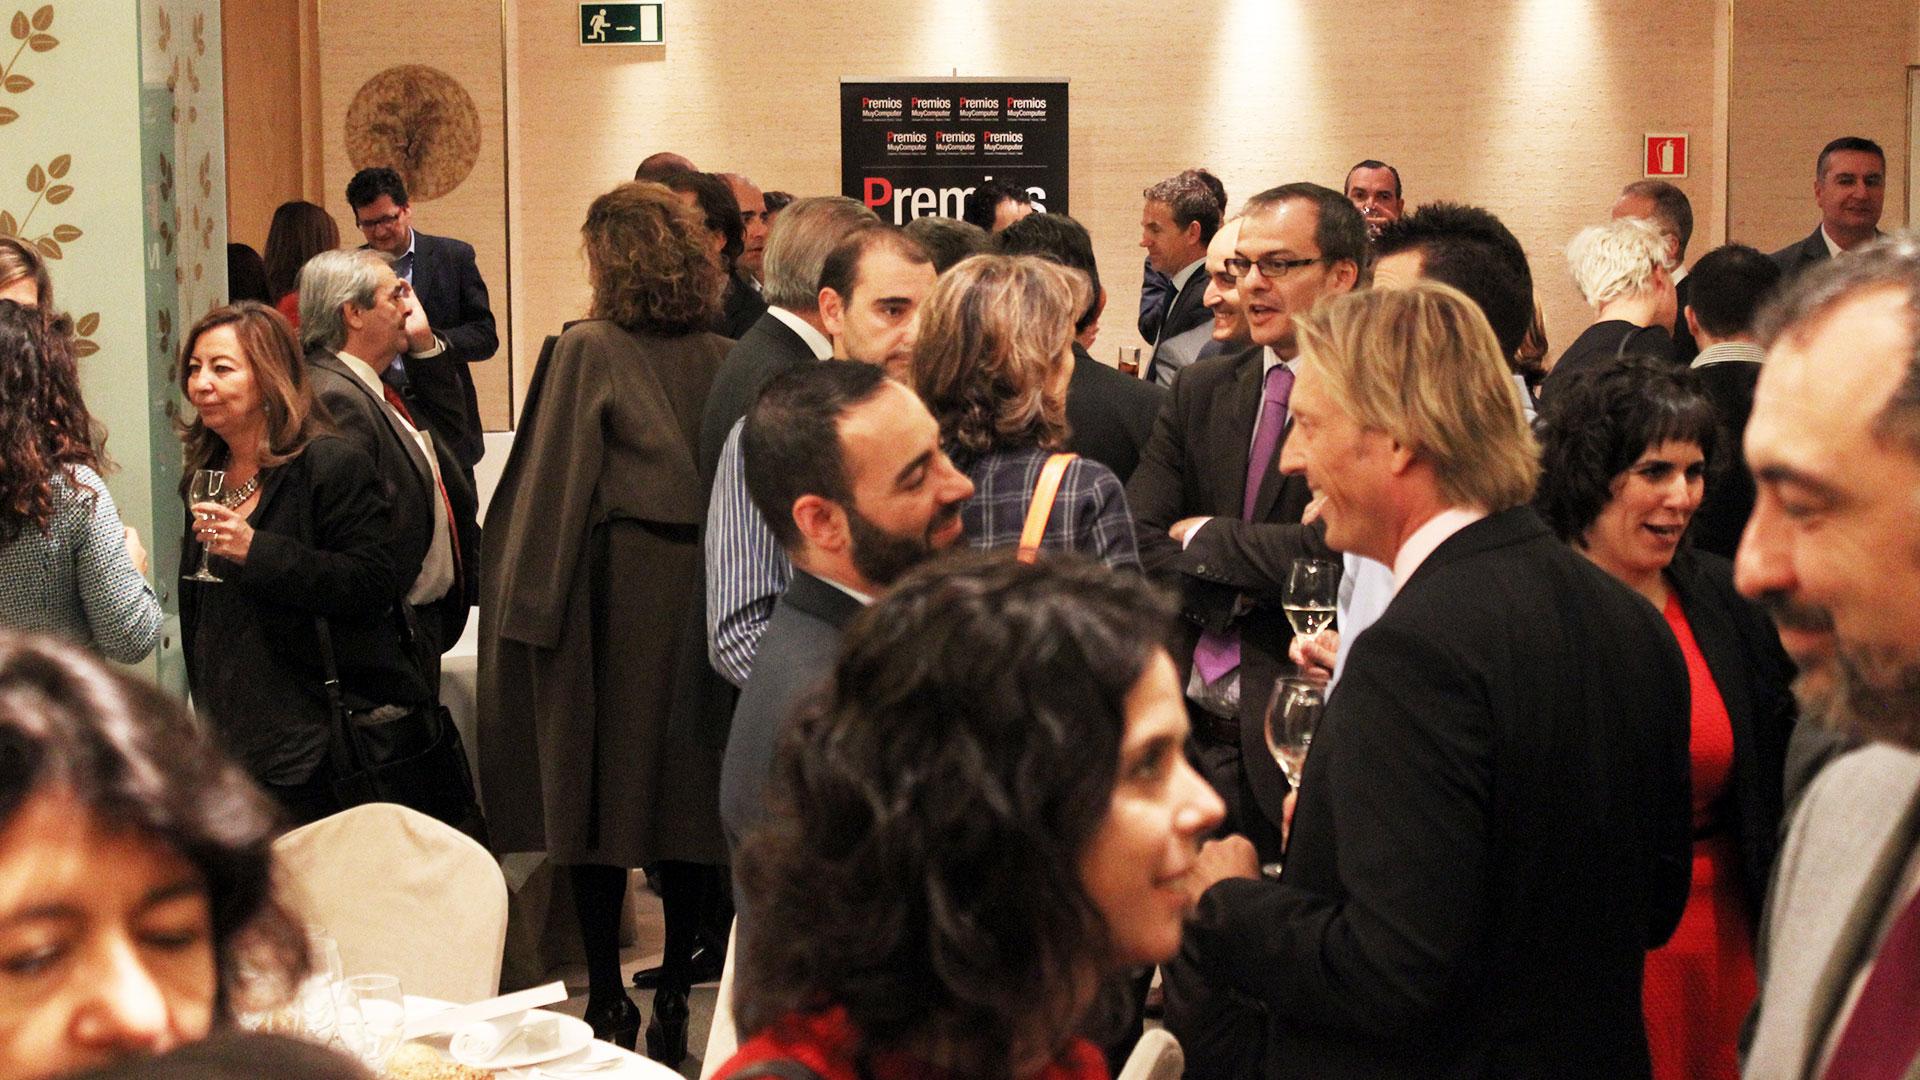 premios-mc2015-evento-comida-hotel-hesperia-asistentes-02